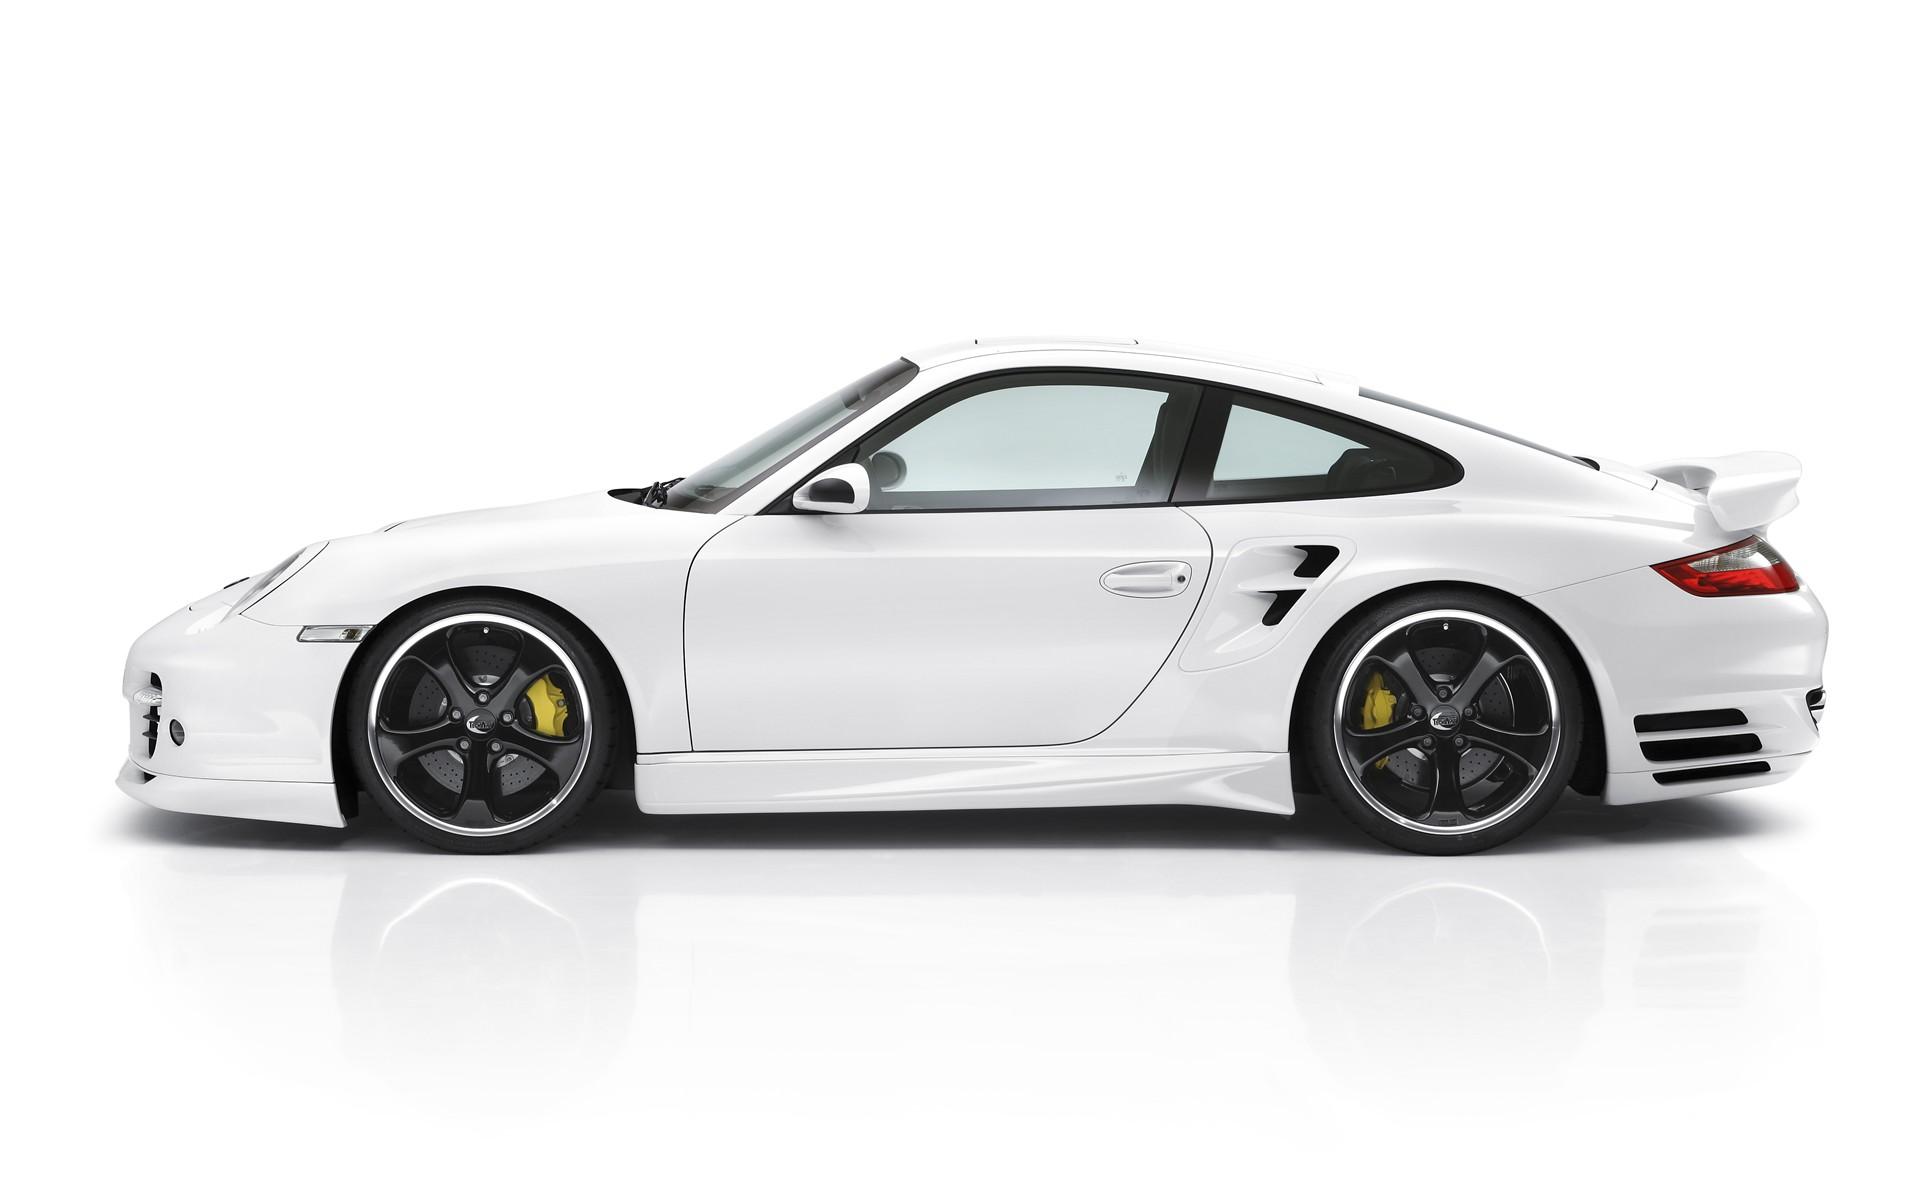 White Porsche Wallpapers